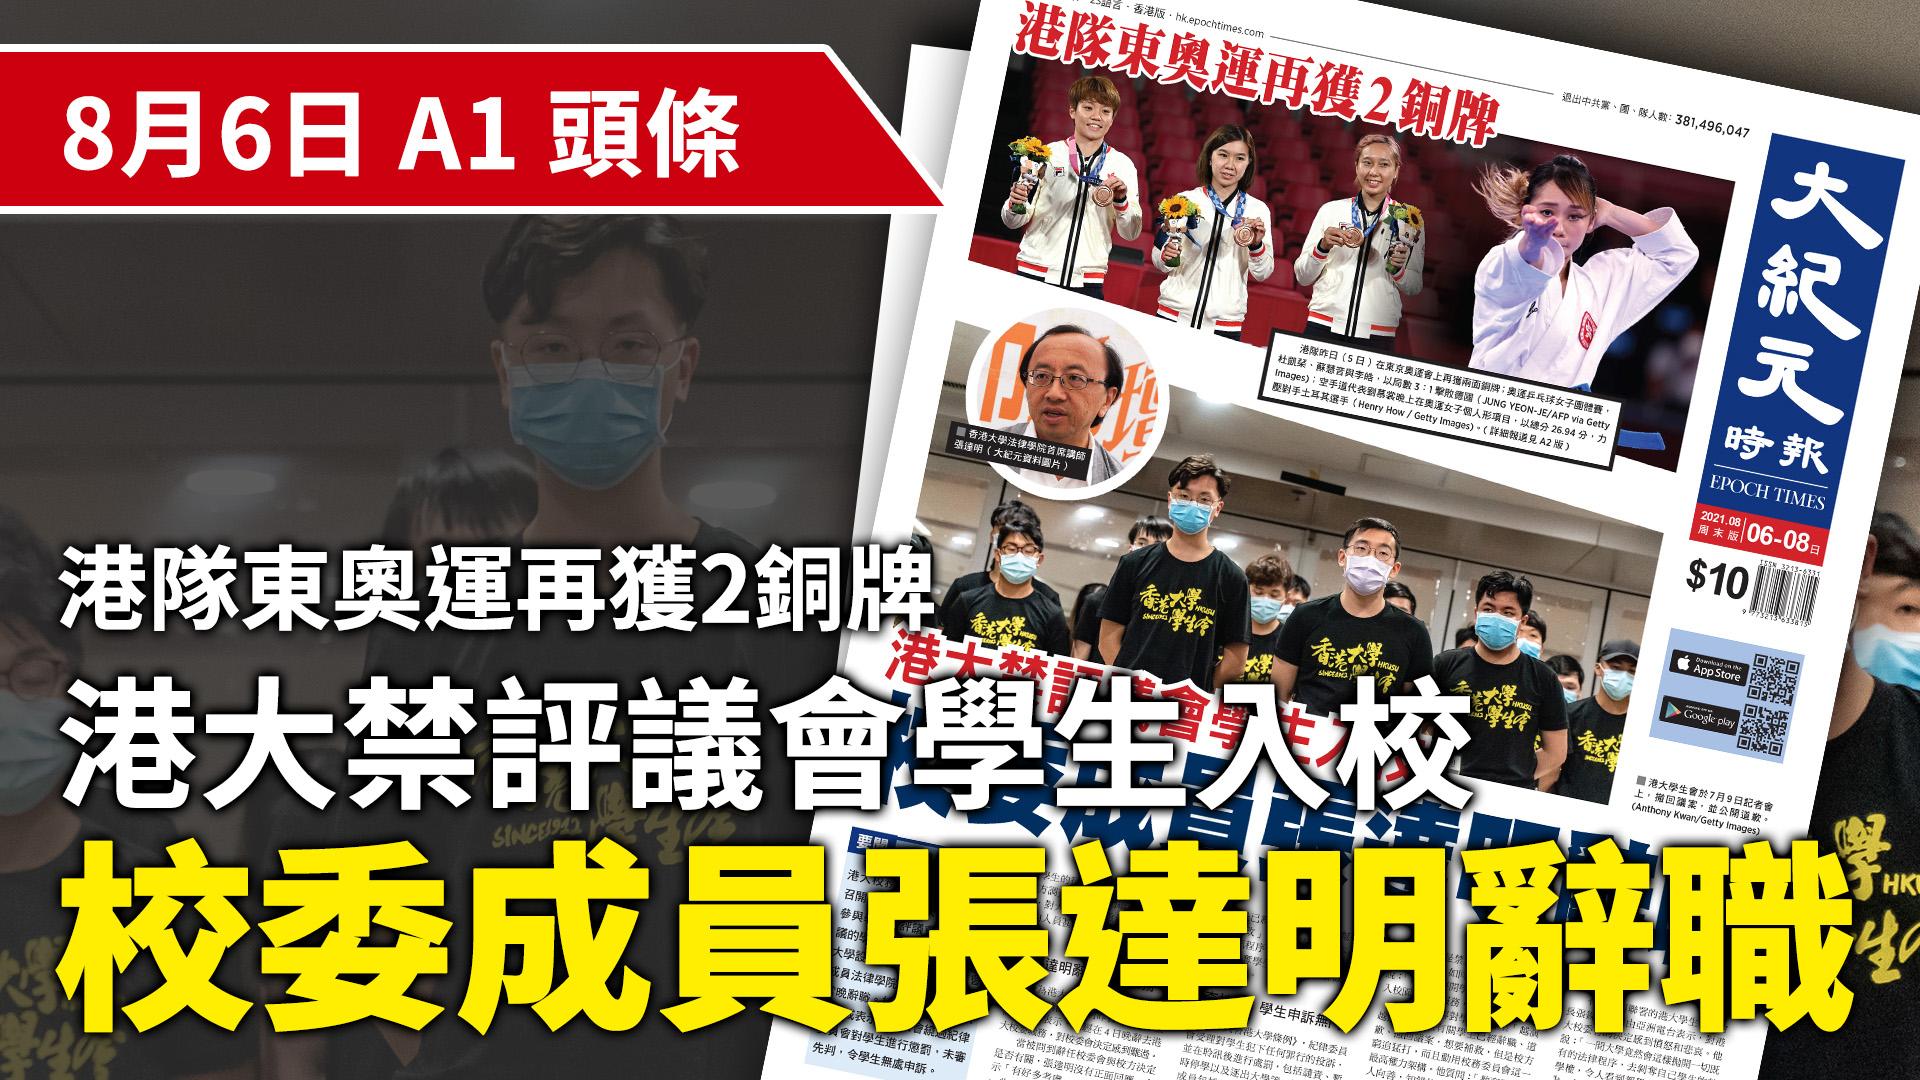 港大學生會於7月9日記者會上,撤回議案,並公開道歉。(Anthony Kwan/Getty Images)小圖:香港大學法律學院首席講師 張達明(大紀元資料圖片)